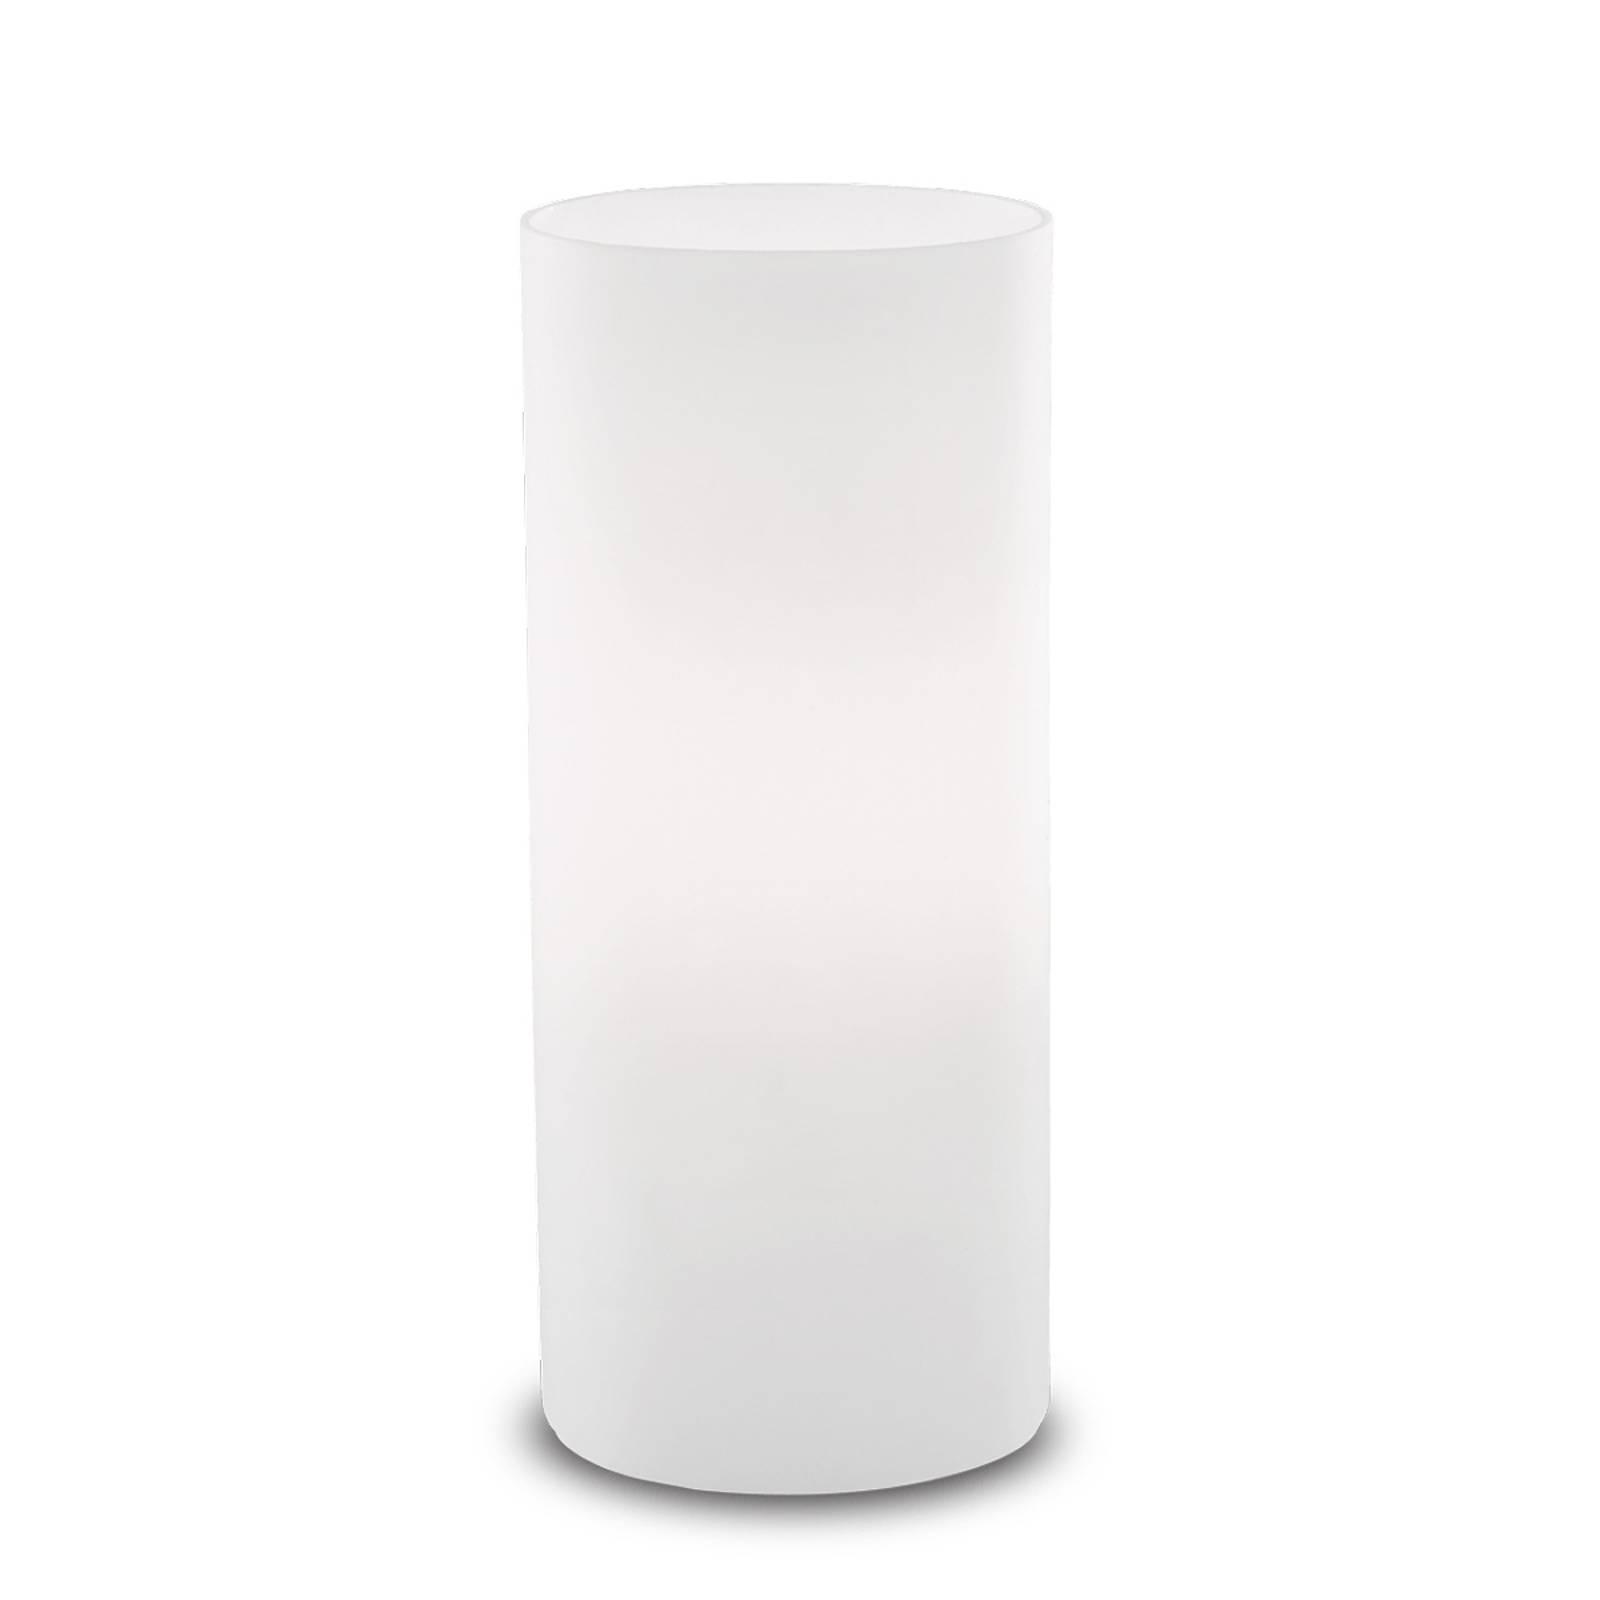 Pöytävalaisin Edo valkoista lasia, korkeus 23 cm